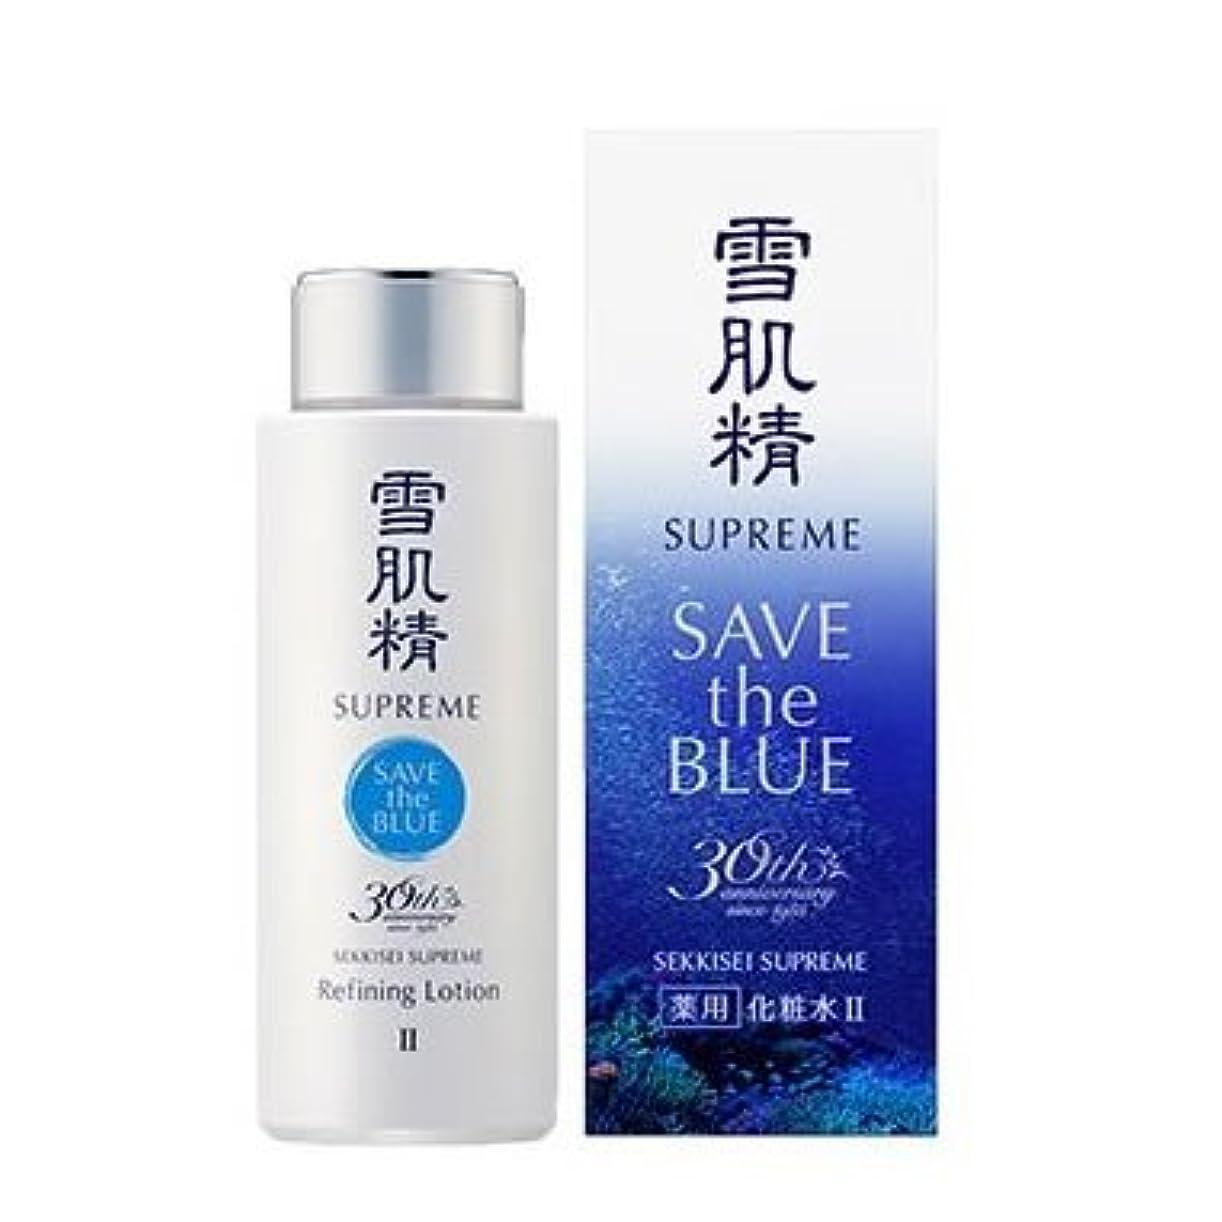 できれば白鳥湿地コーセー 雪肌精シュープレム 化粧水 II 400ml 限定ボトル SAVE the BLUE 30th Anniversary [並行輸入品]